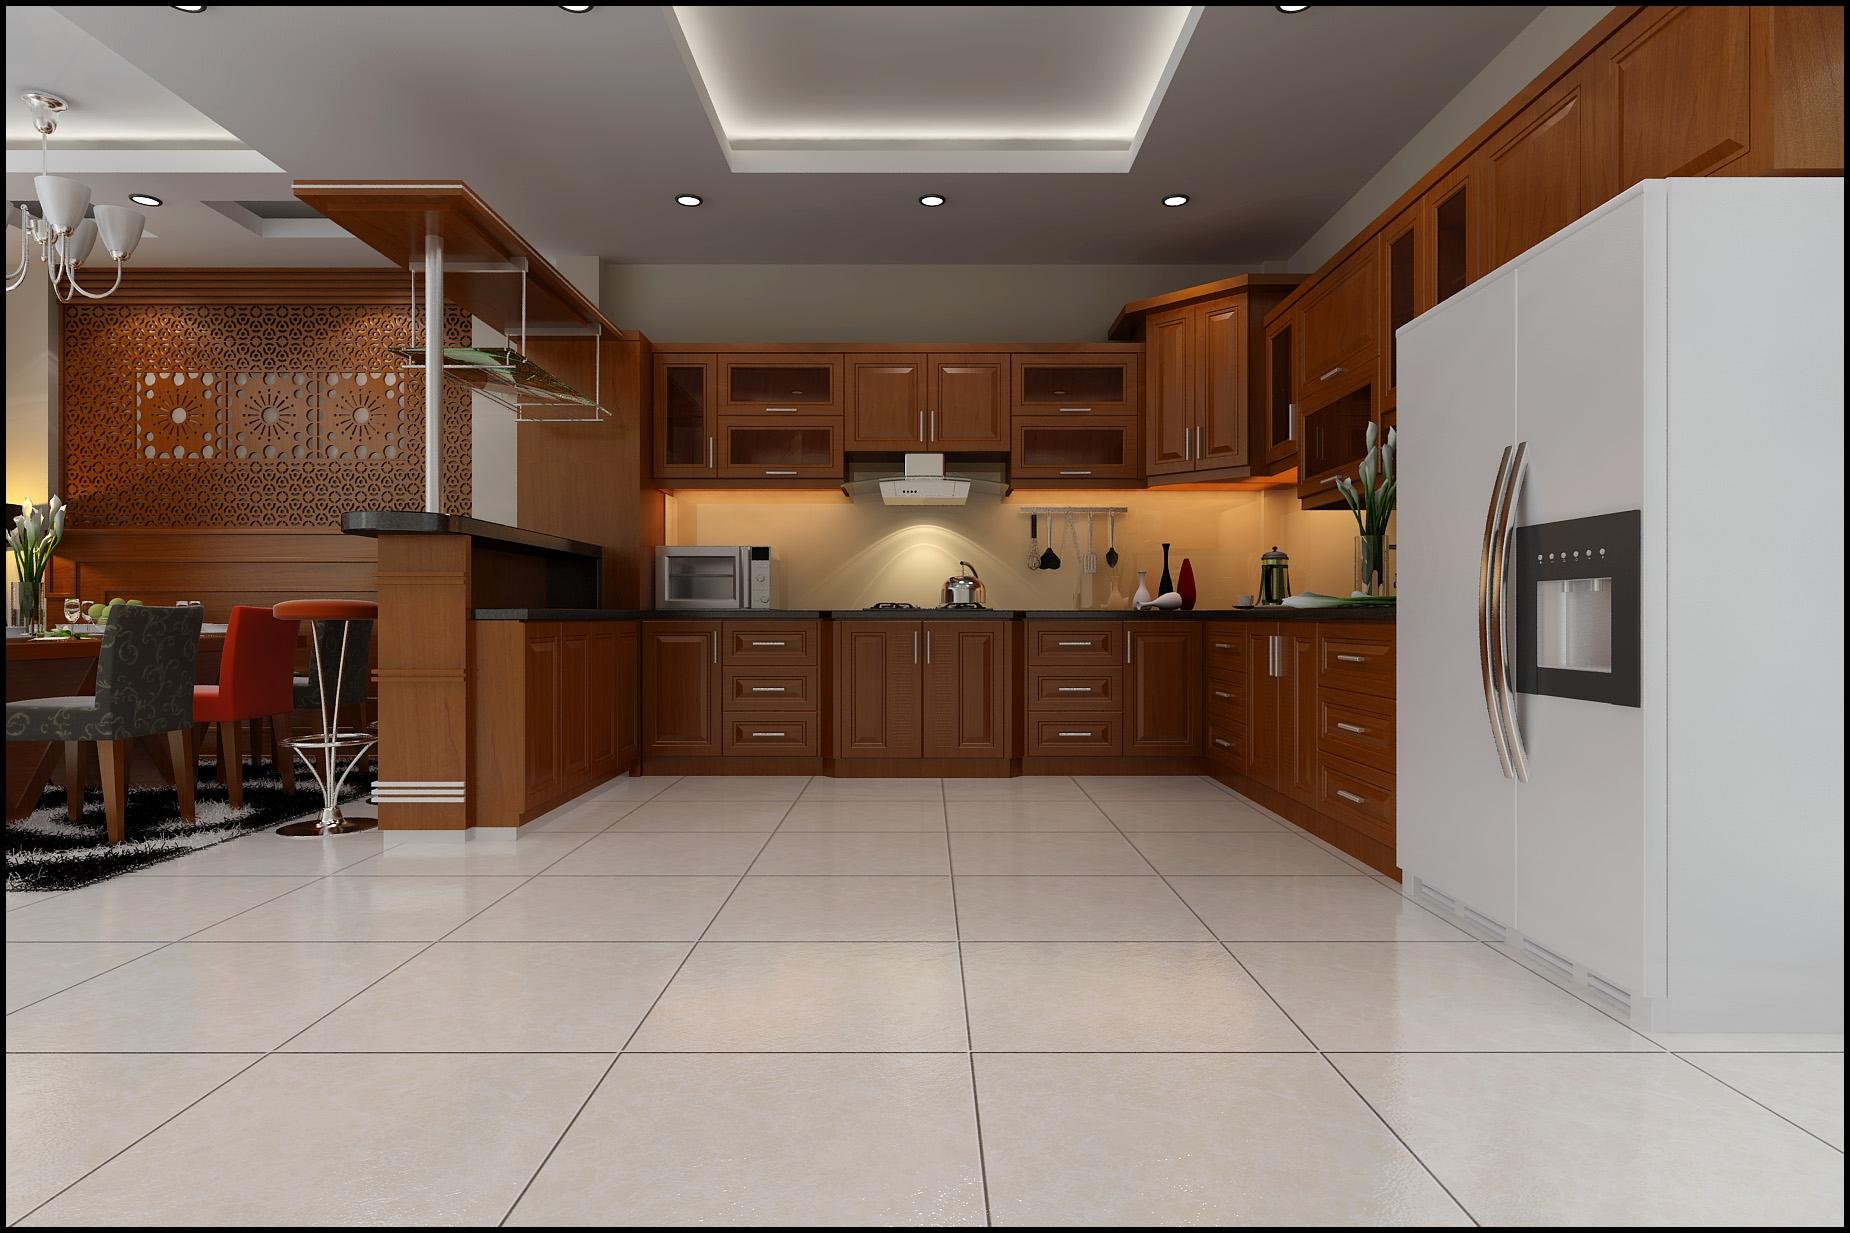 nội thất bếp đẹp và hiện đại